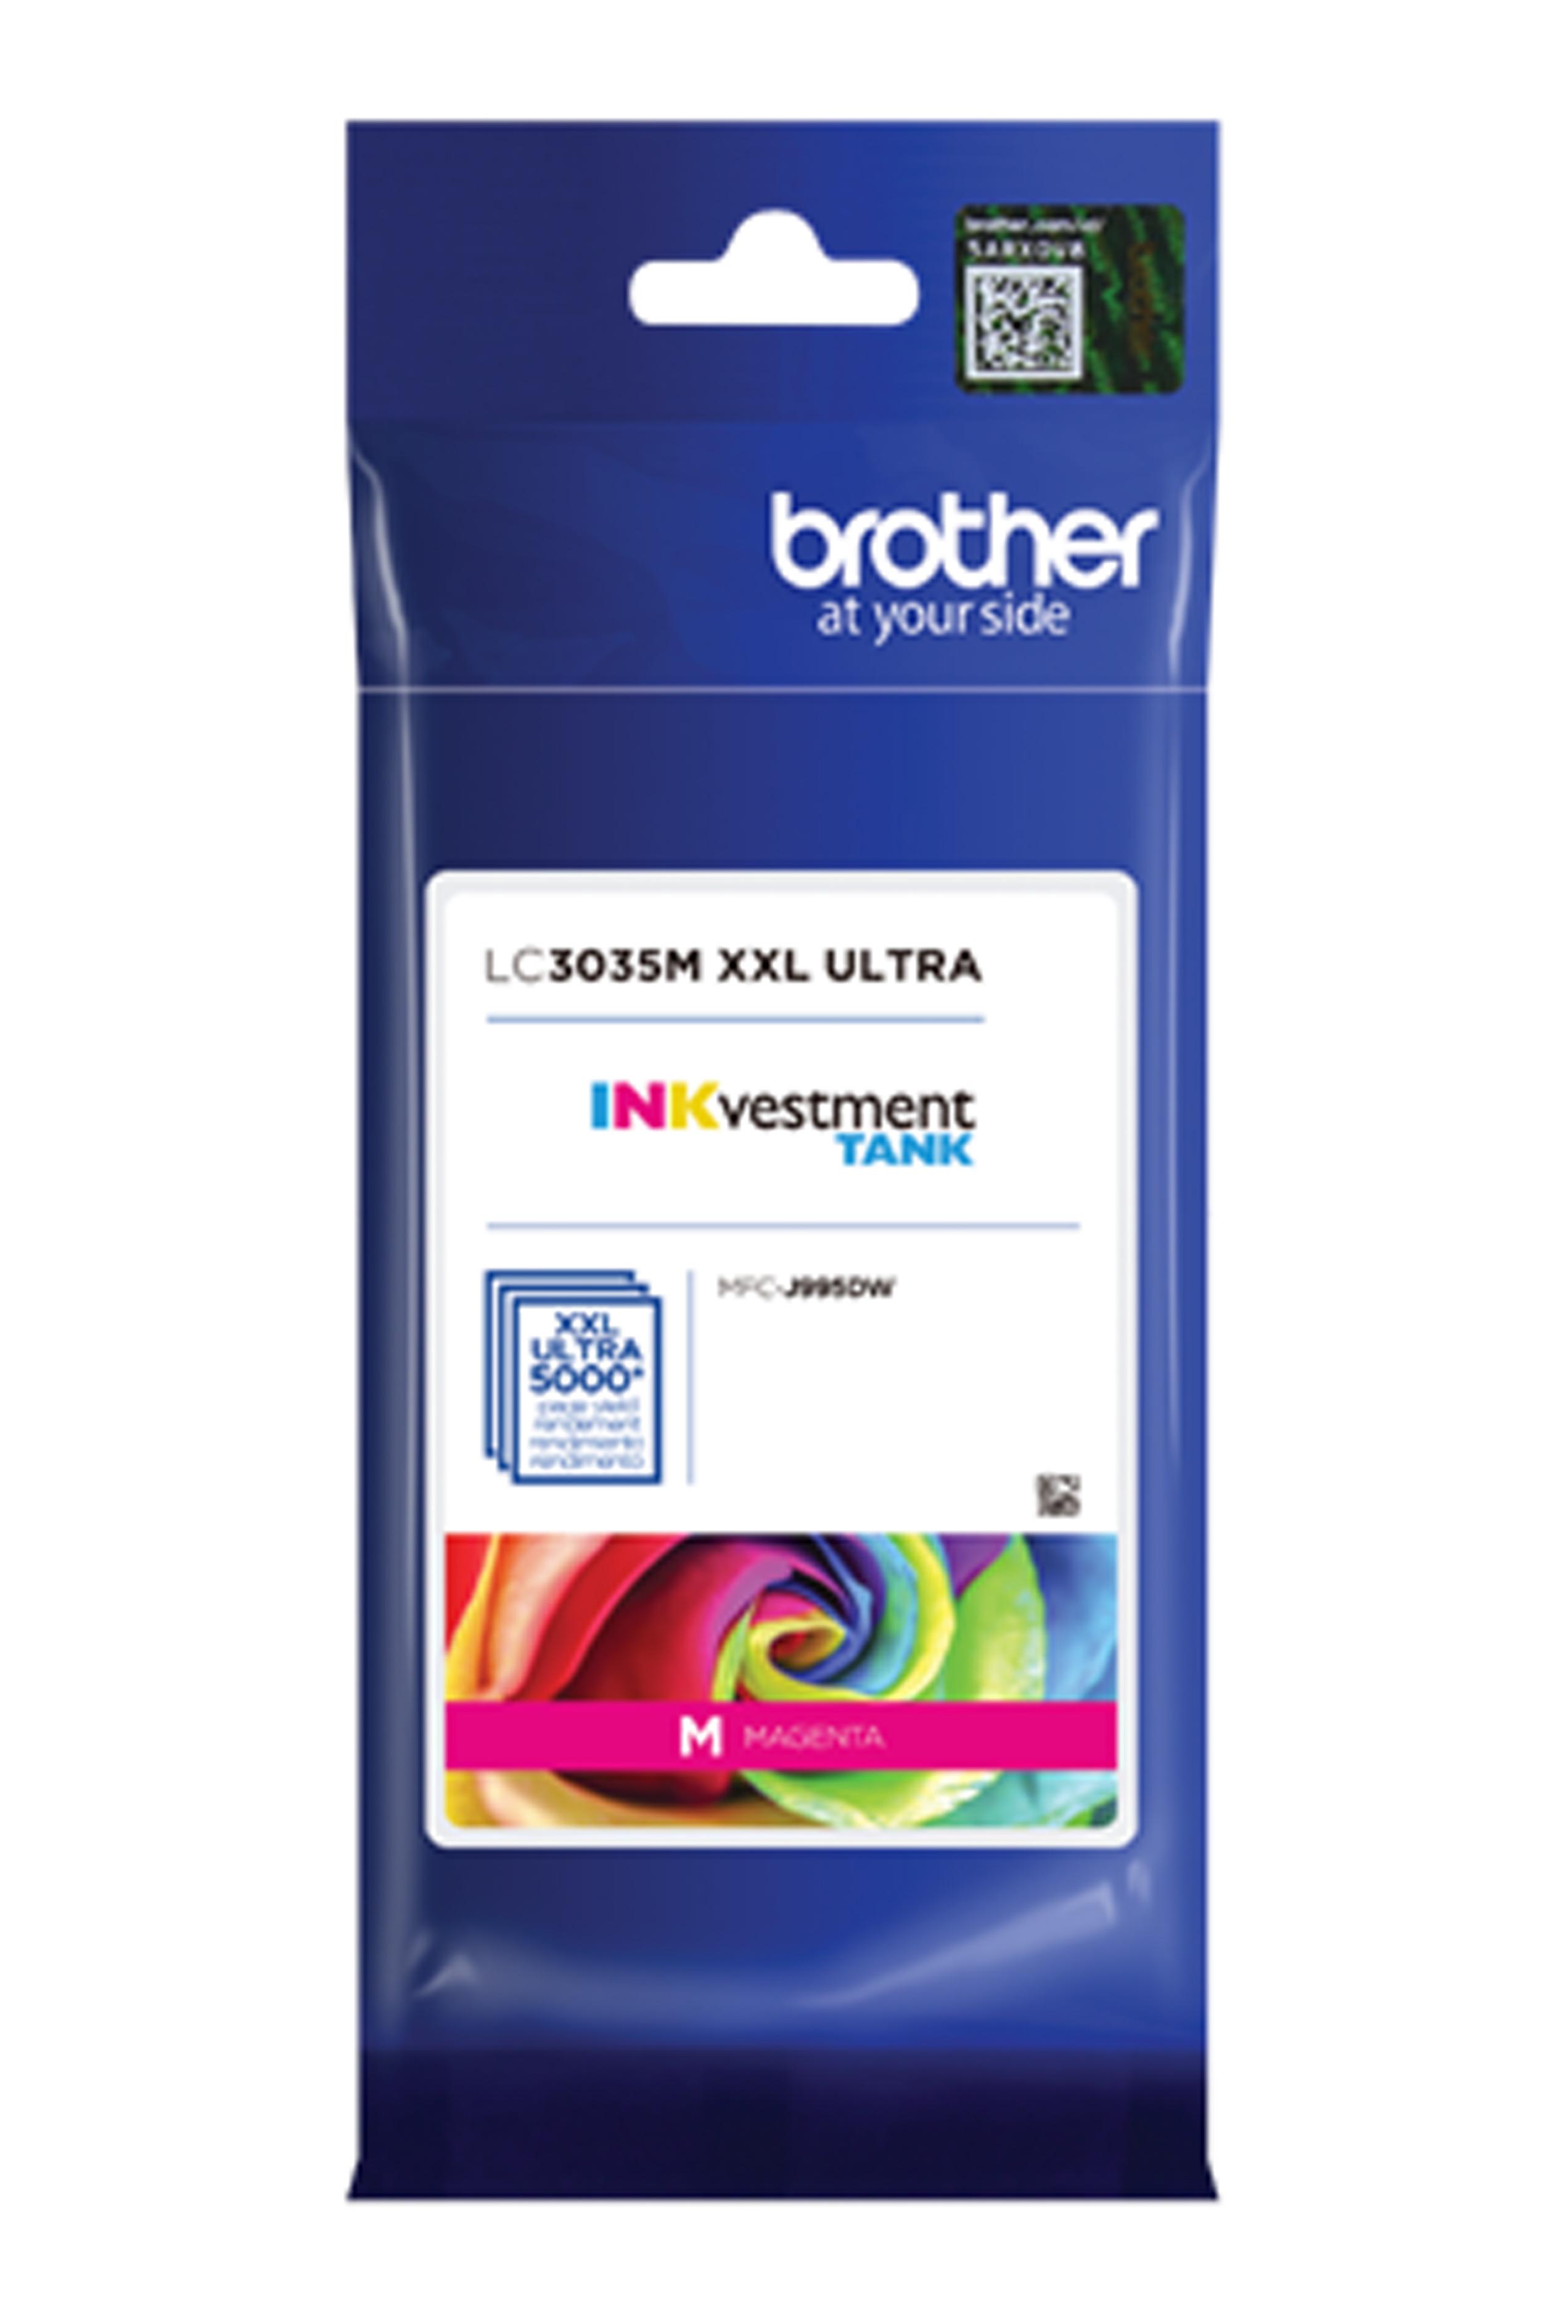 Brother Ultra High Yield Cyan Ink Cartridge (LC3035M)